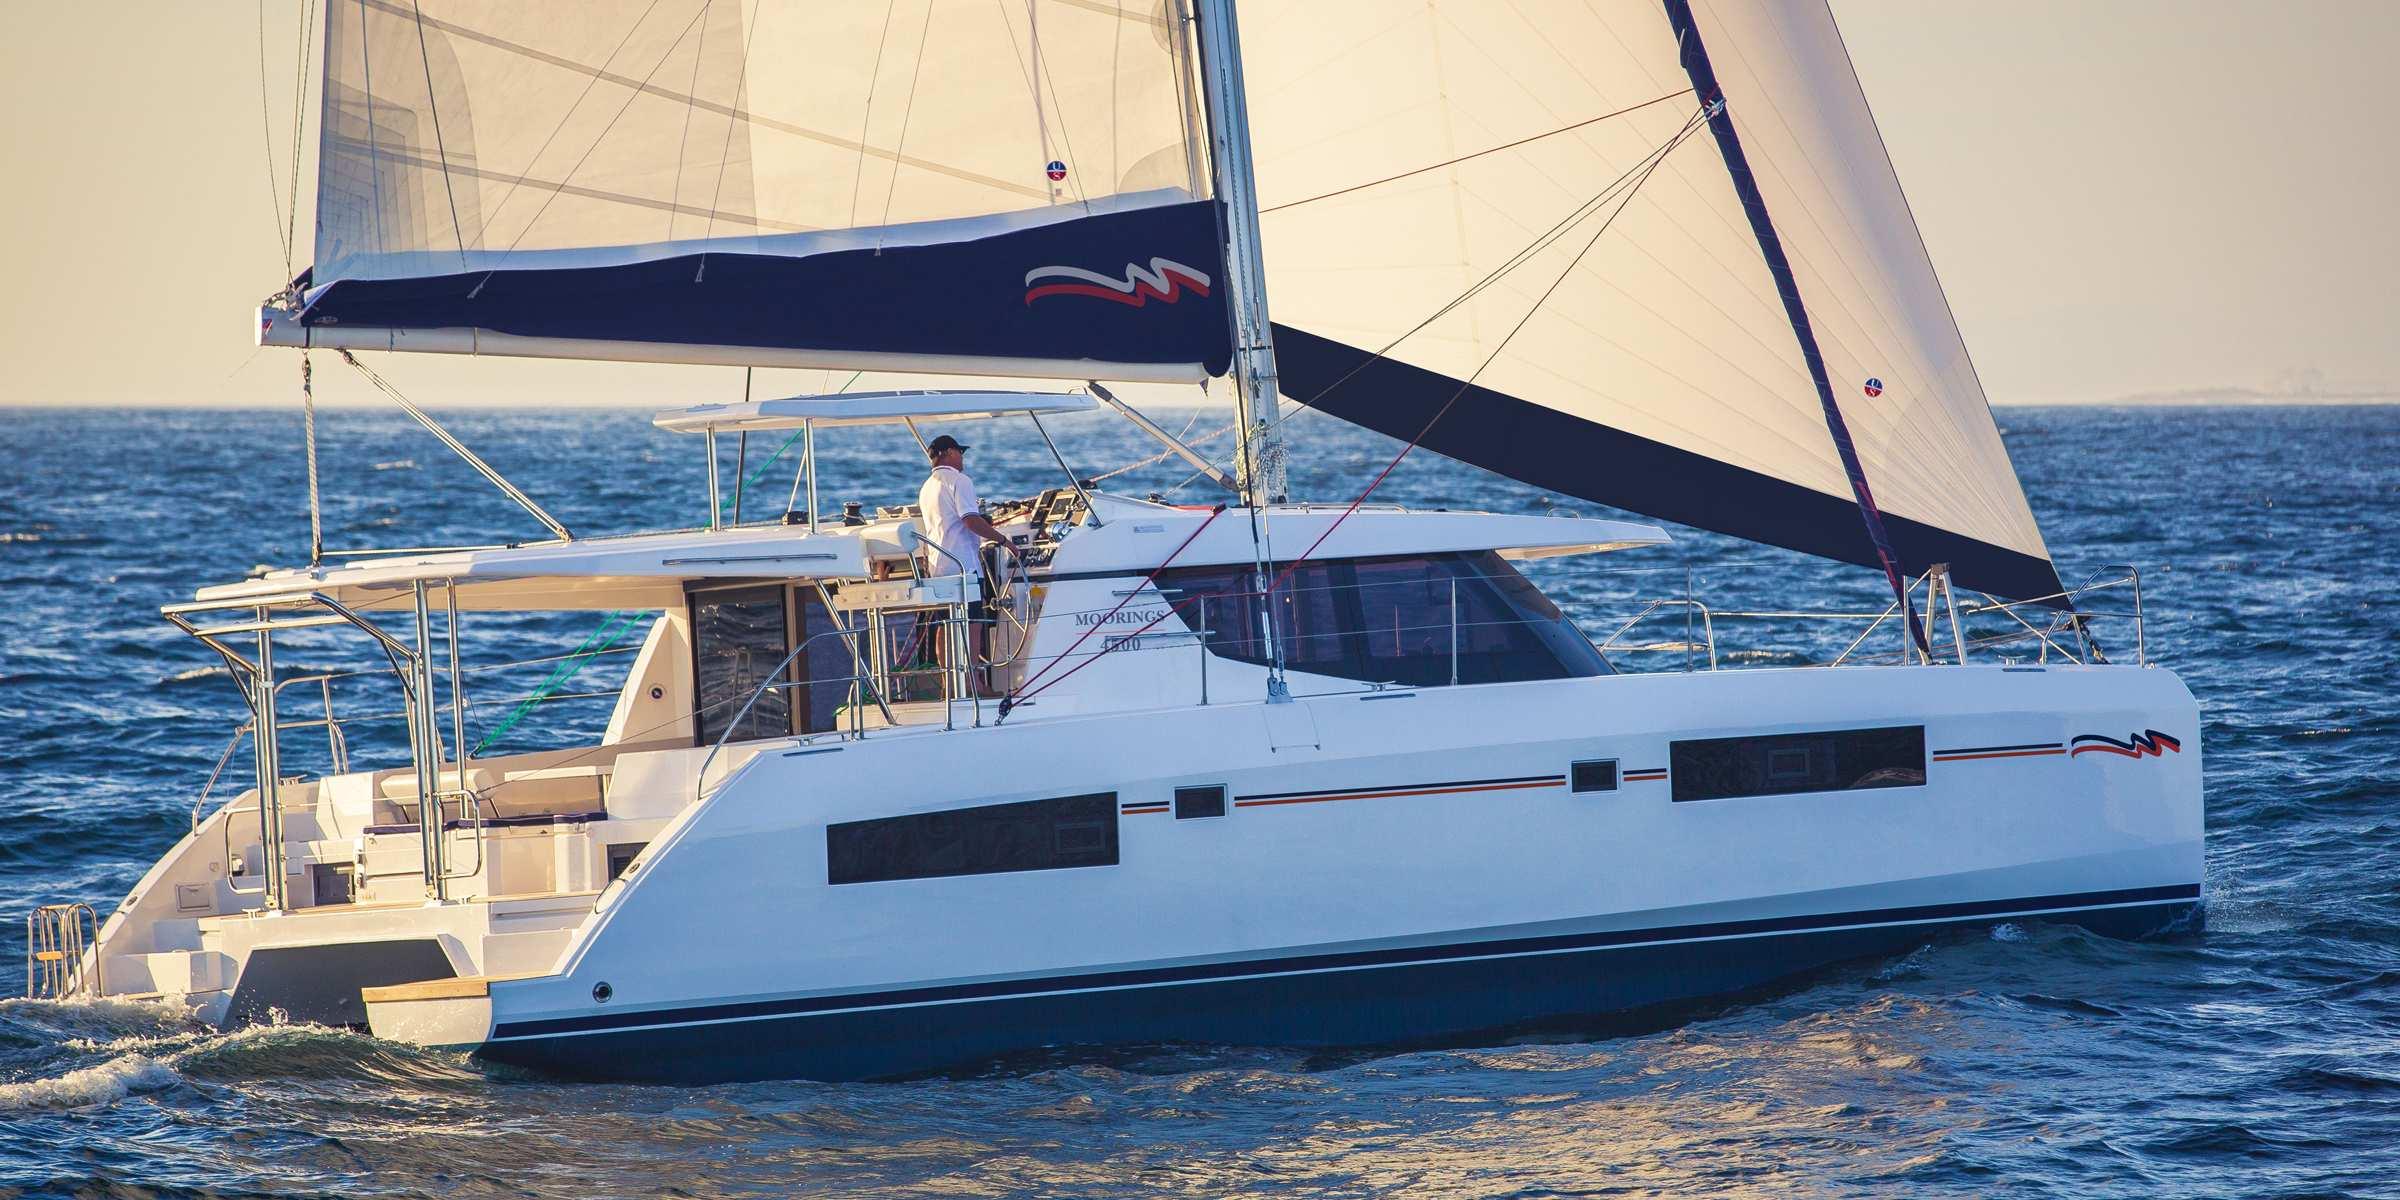 moorings_4500_at_sail_2400x1200_web.jpg